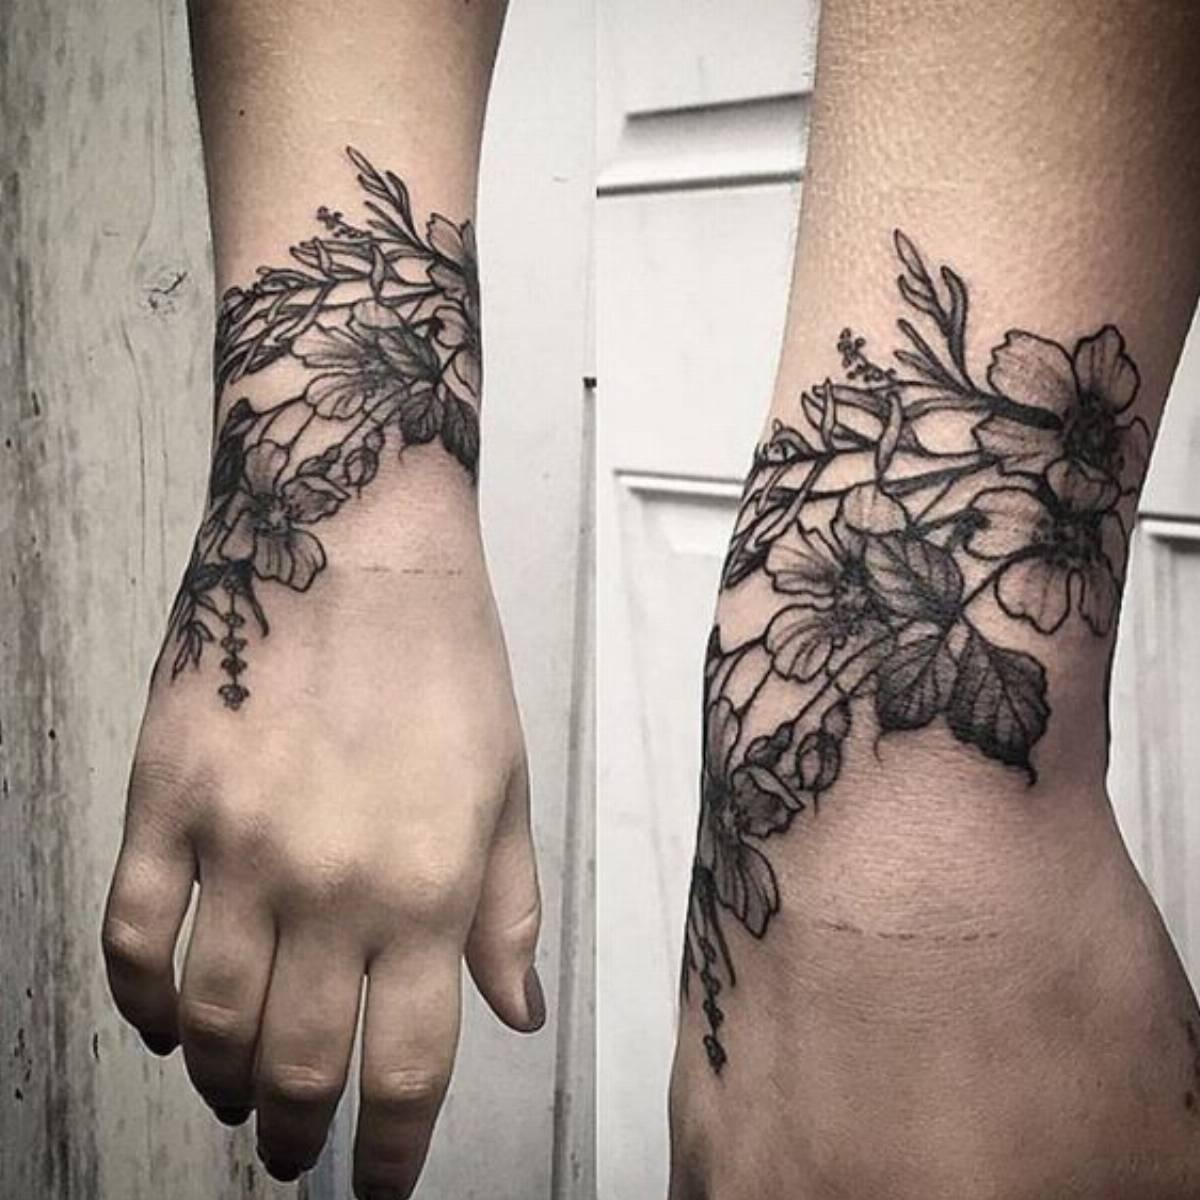 Tatuaże W Kwiaty Co O Nich Sądzicie Kobietamagpl